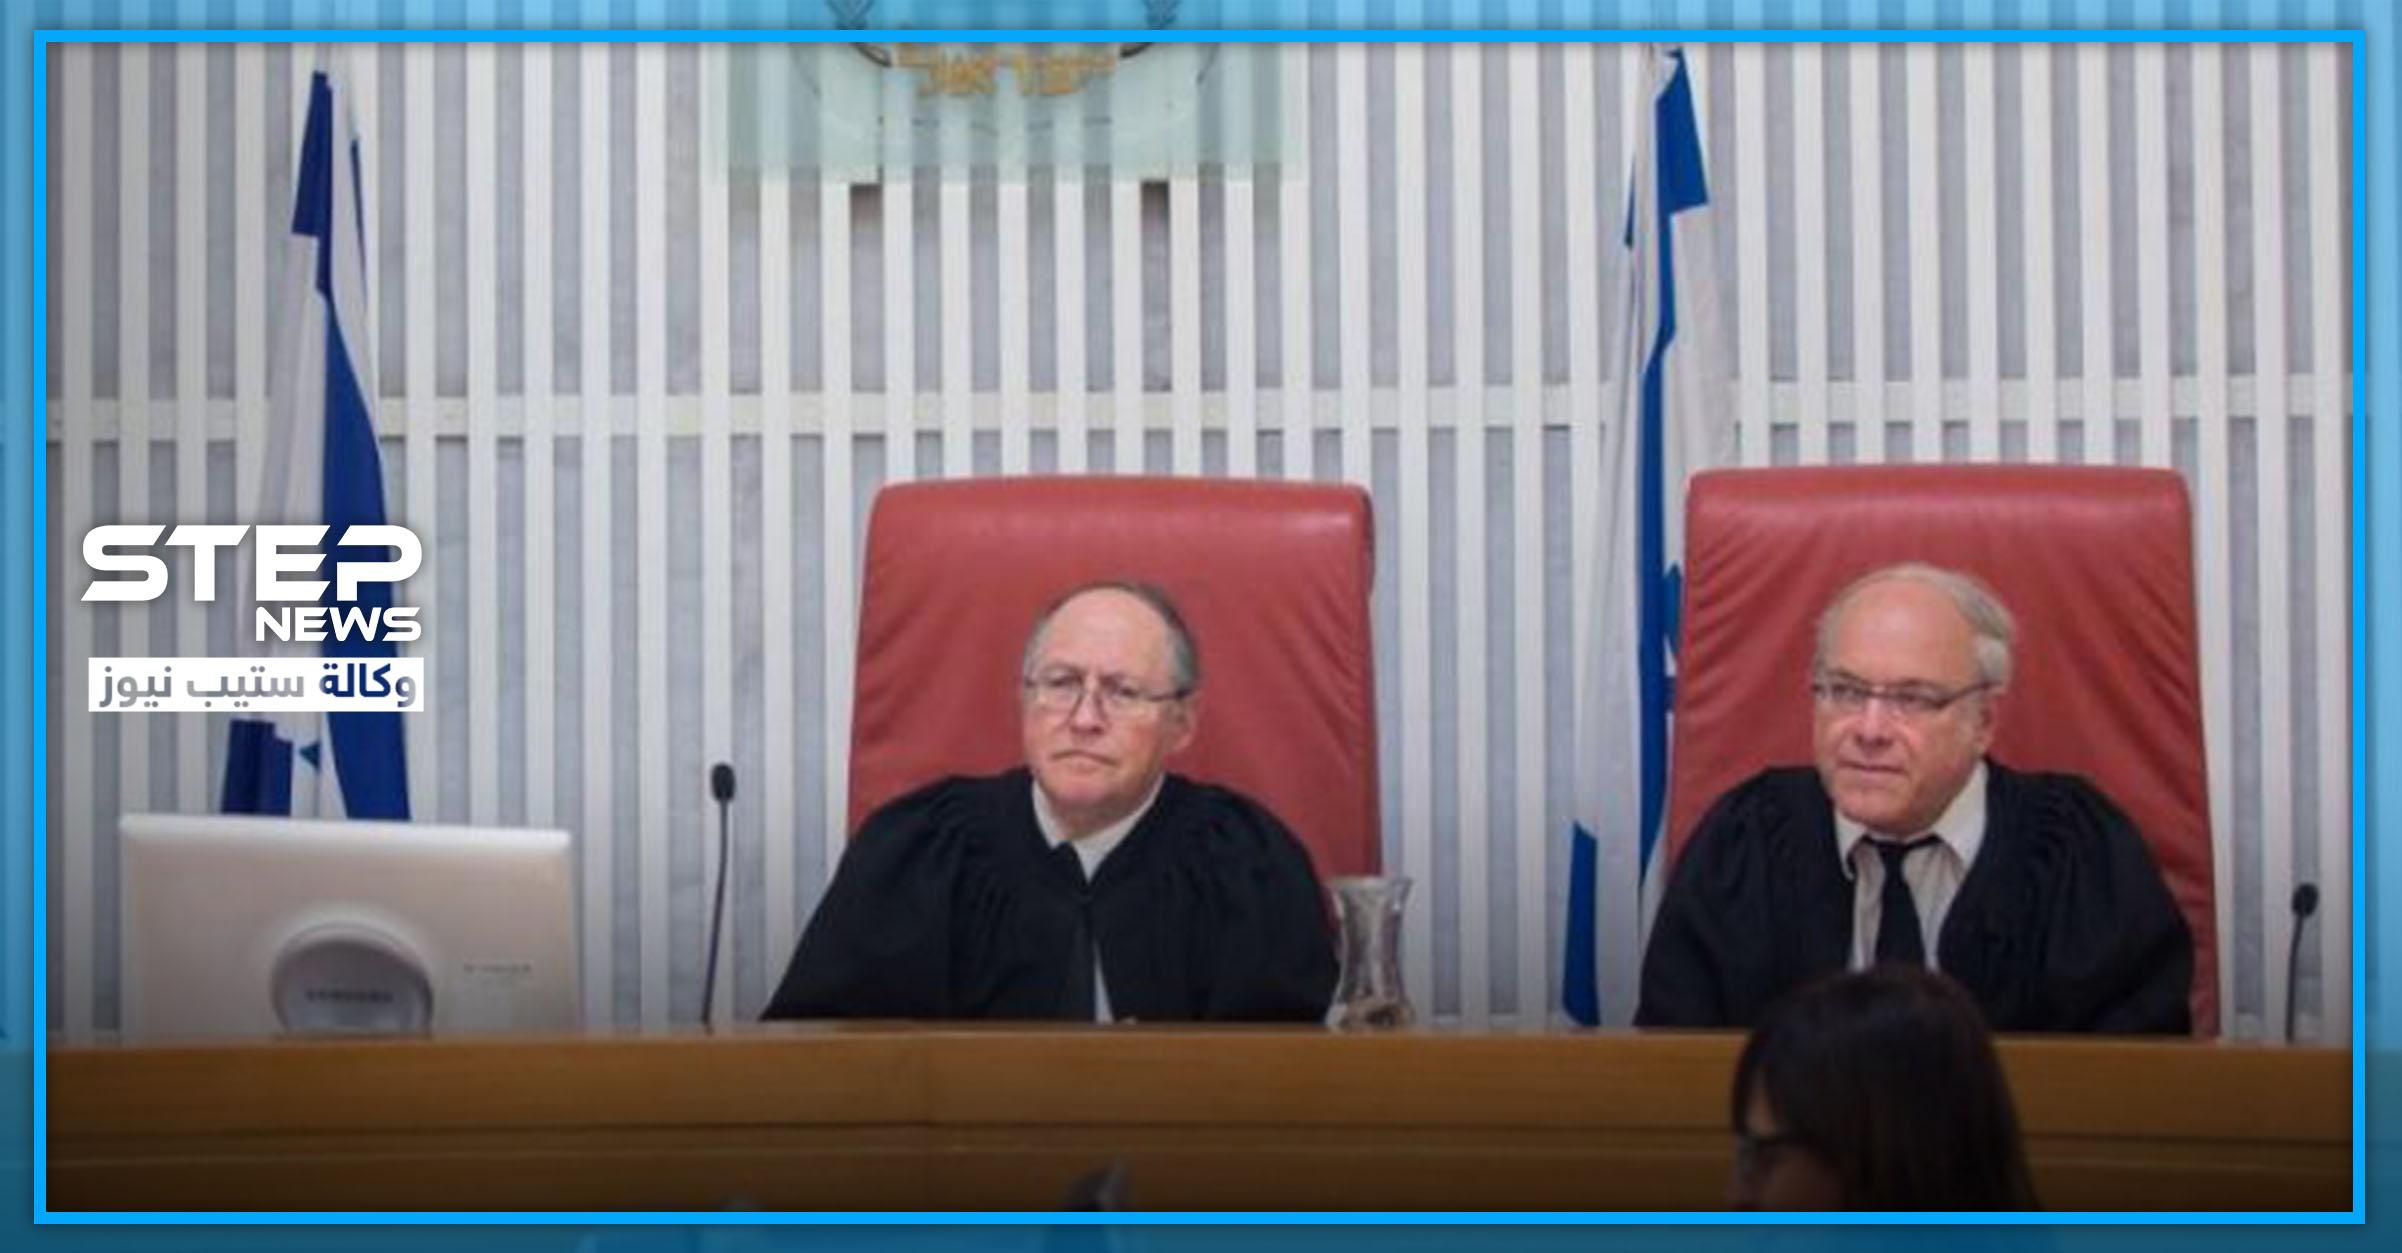 رئيس وزراء اسرائيلي يخضع للمحاكمة